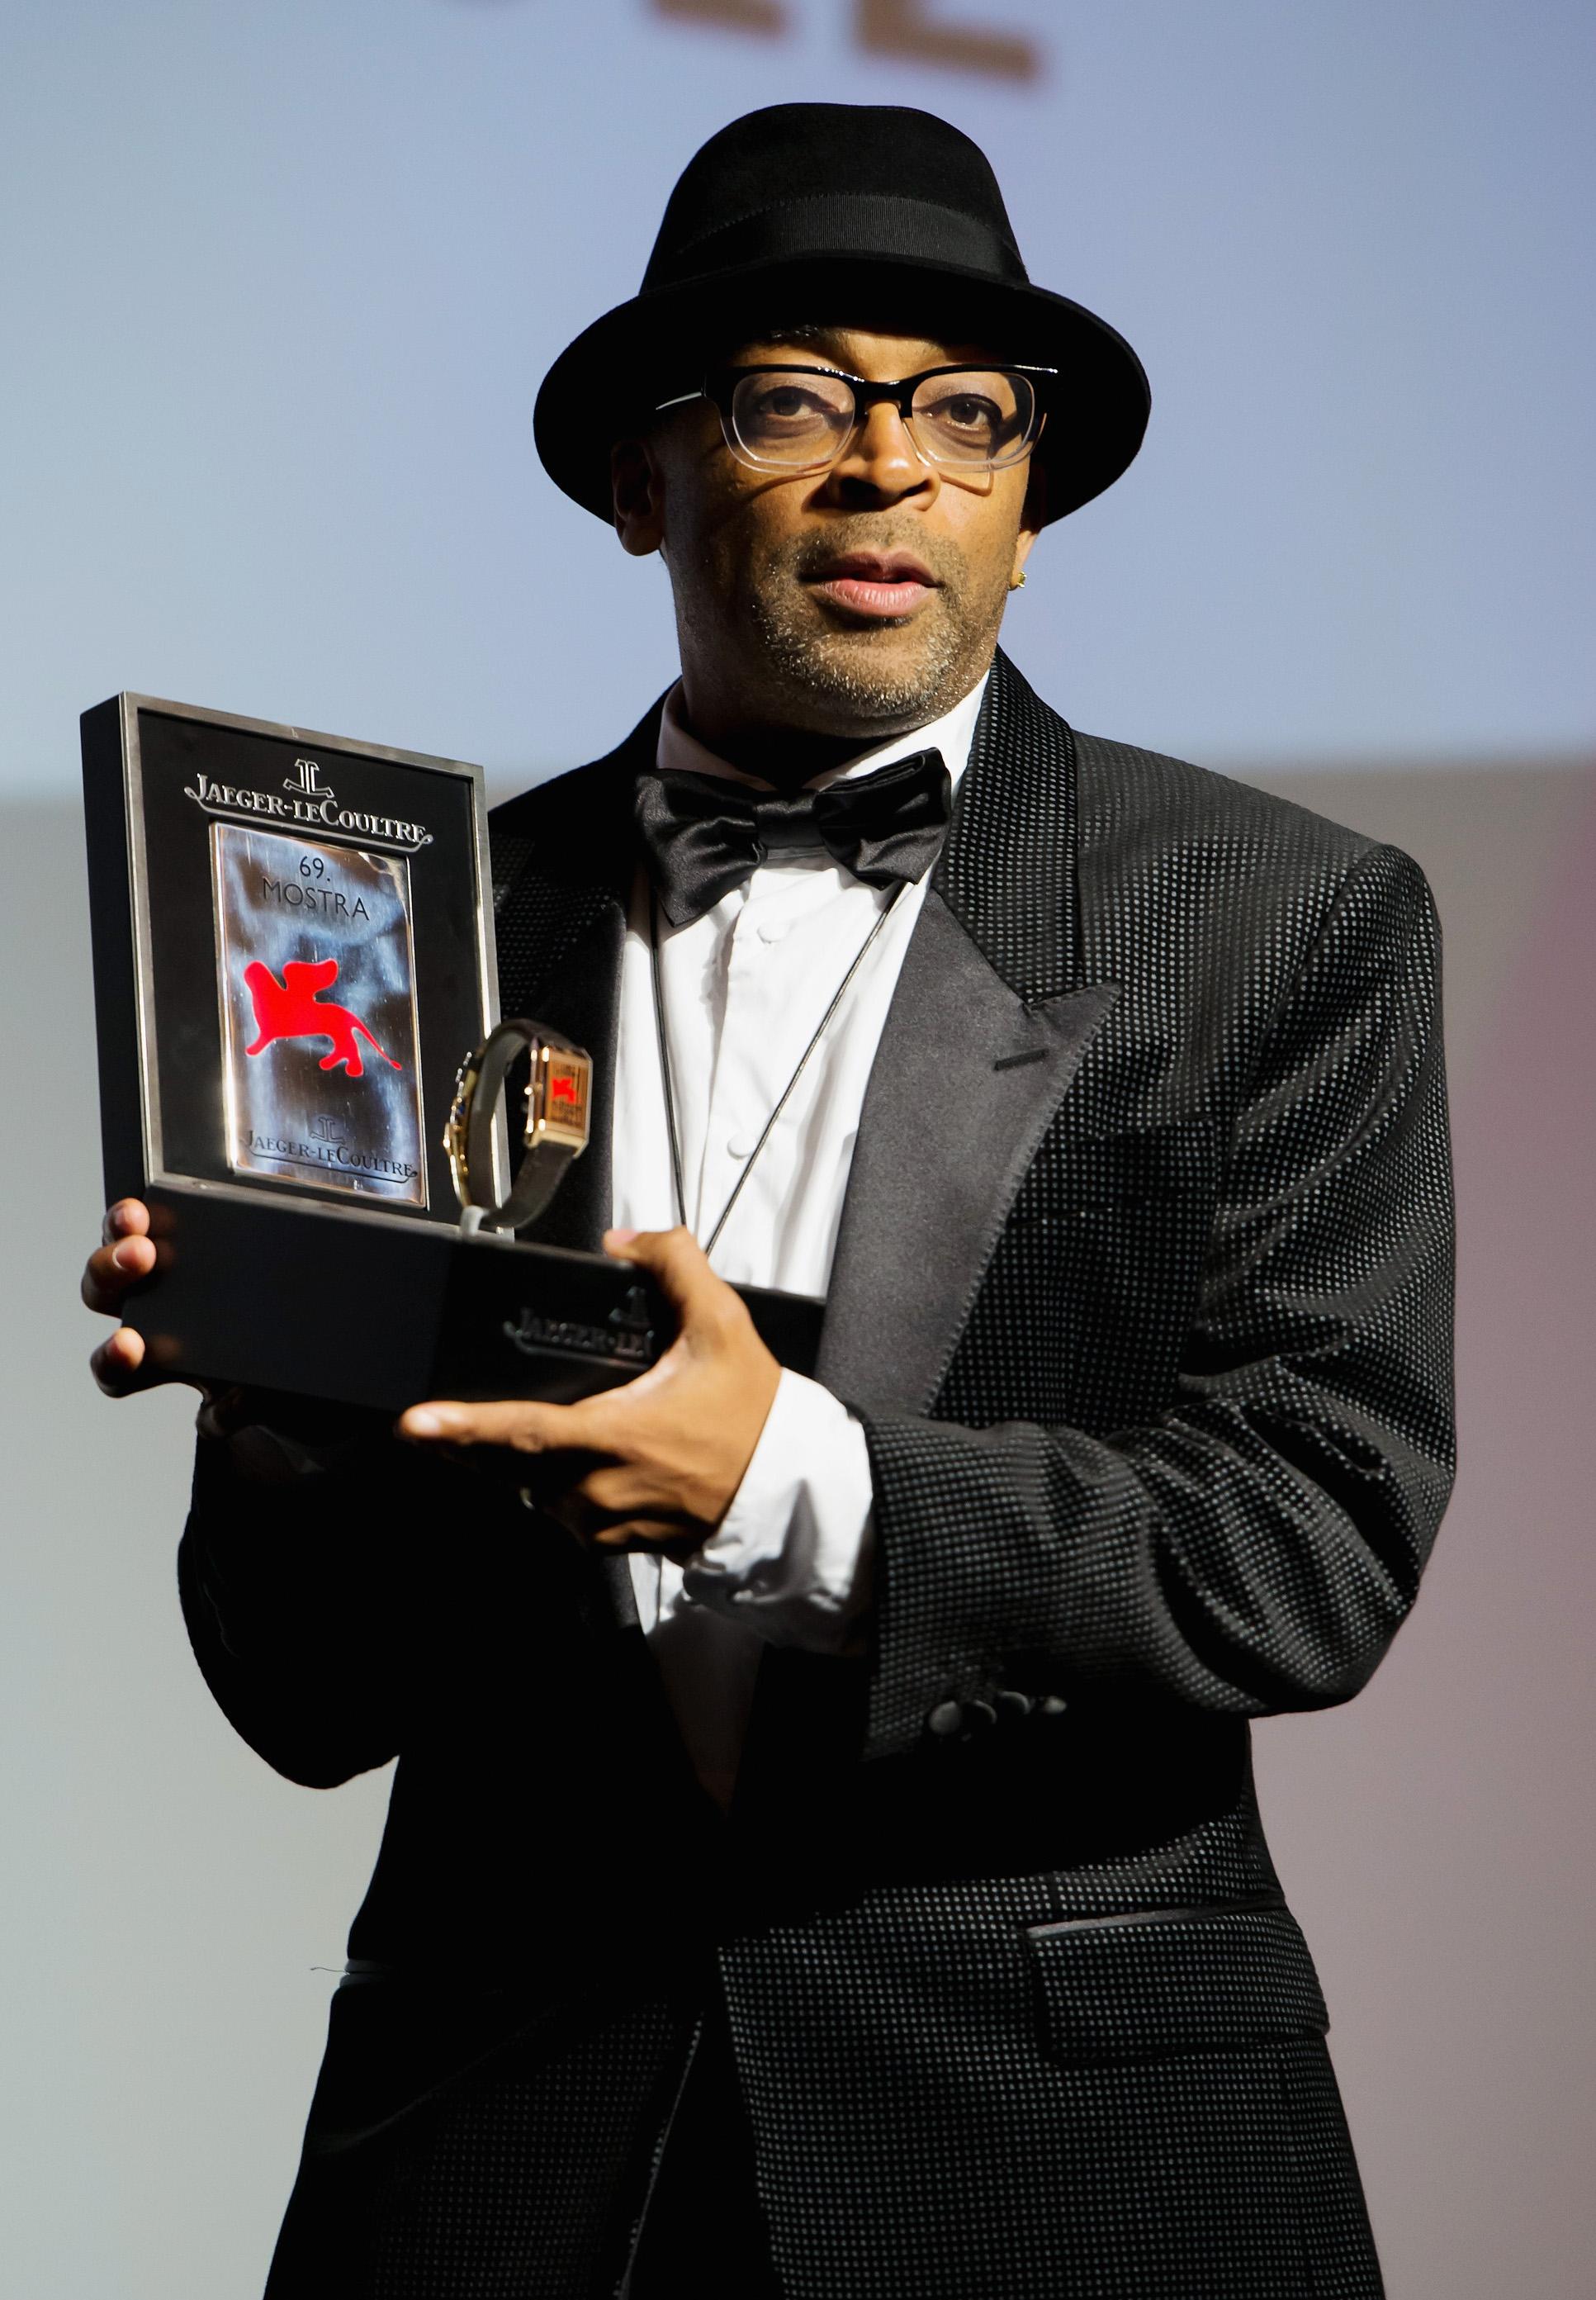 le réalisateur Spike Lee reçoit le prix Jaeger-LeCoultre.